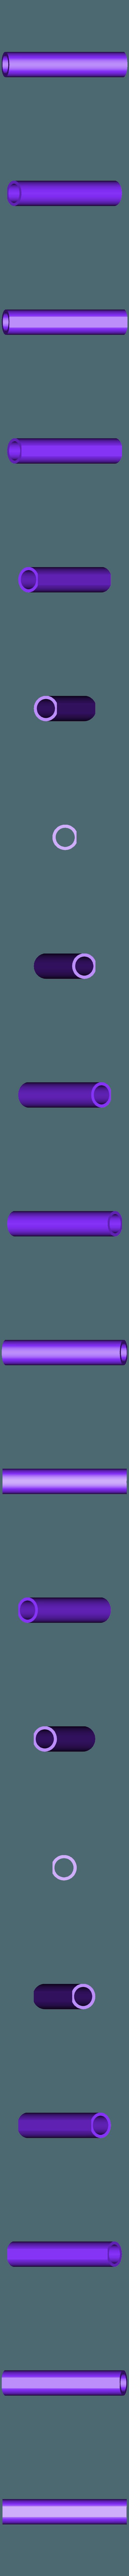 Barrell_Top.stl Download free STL file Borderlands Bandit Room Clener Shotgun • 3D printer object, Dsk